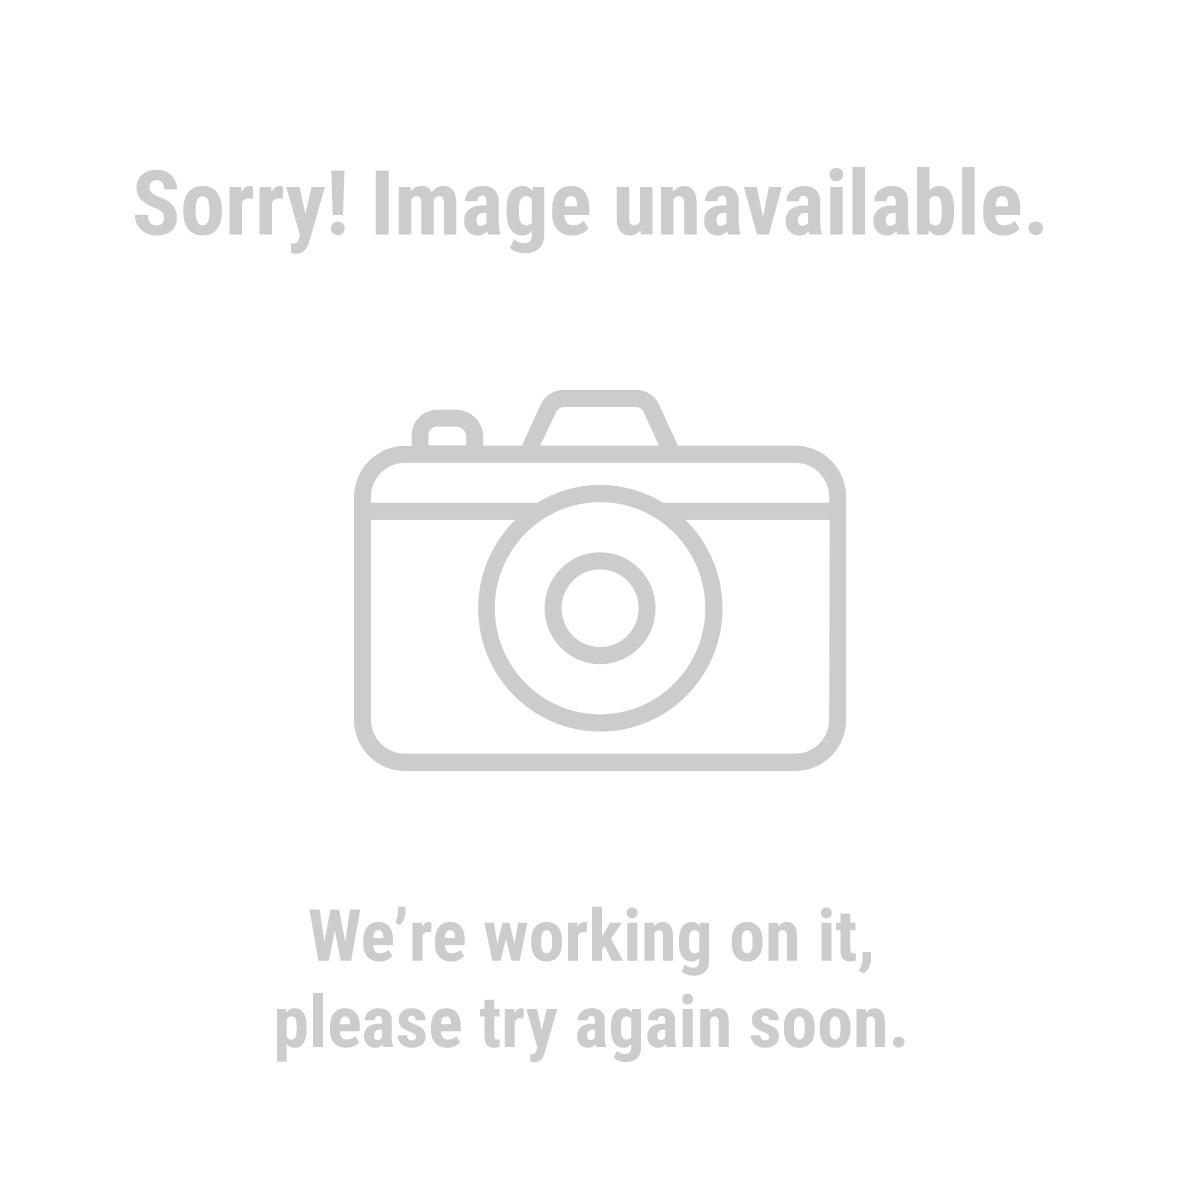 Haul-Master 69688 500 Lb. Aluminum Cargo Carrier